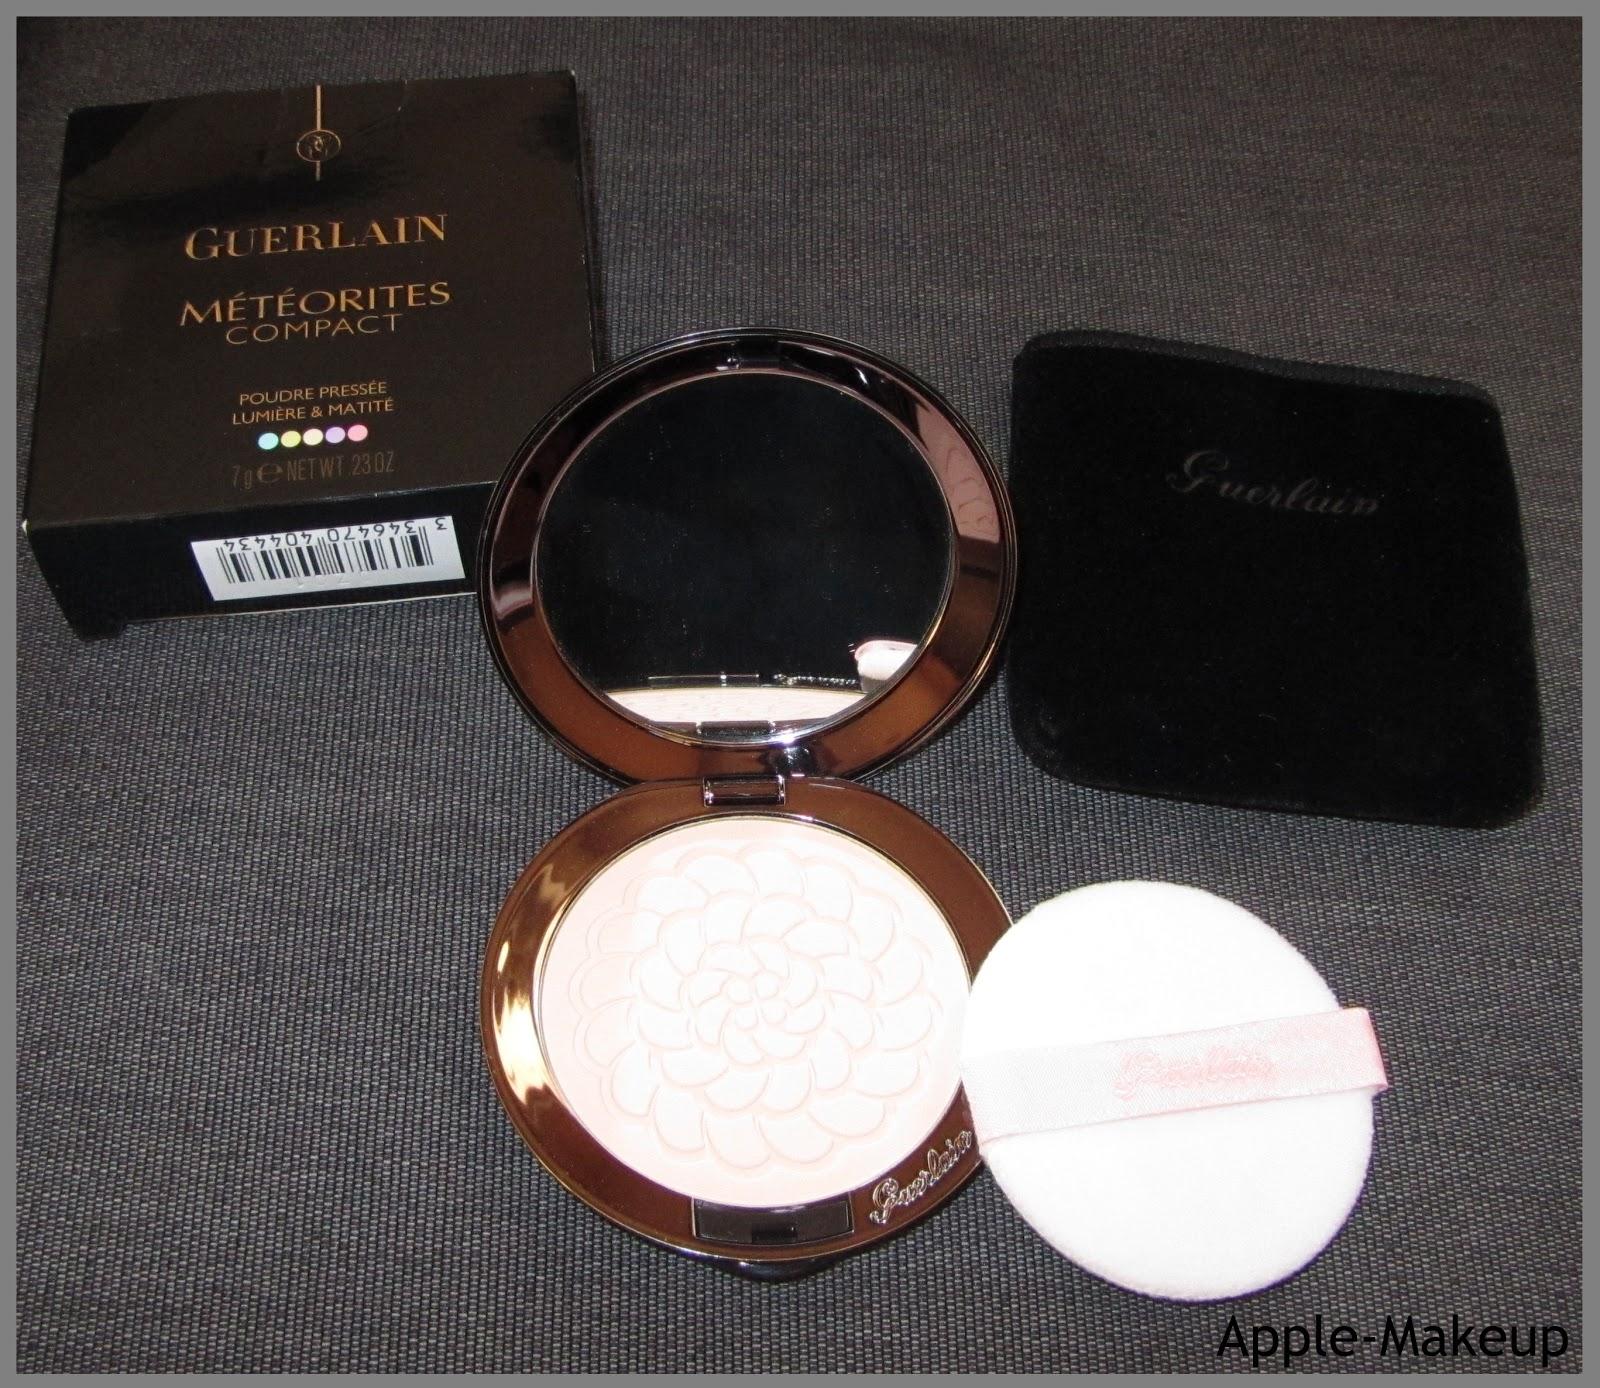 apple makeup poudre m t orites compact guerlain. Black Bedroom Furniture Sets. Home Design Ideas